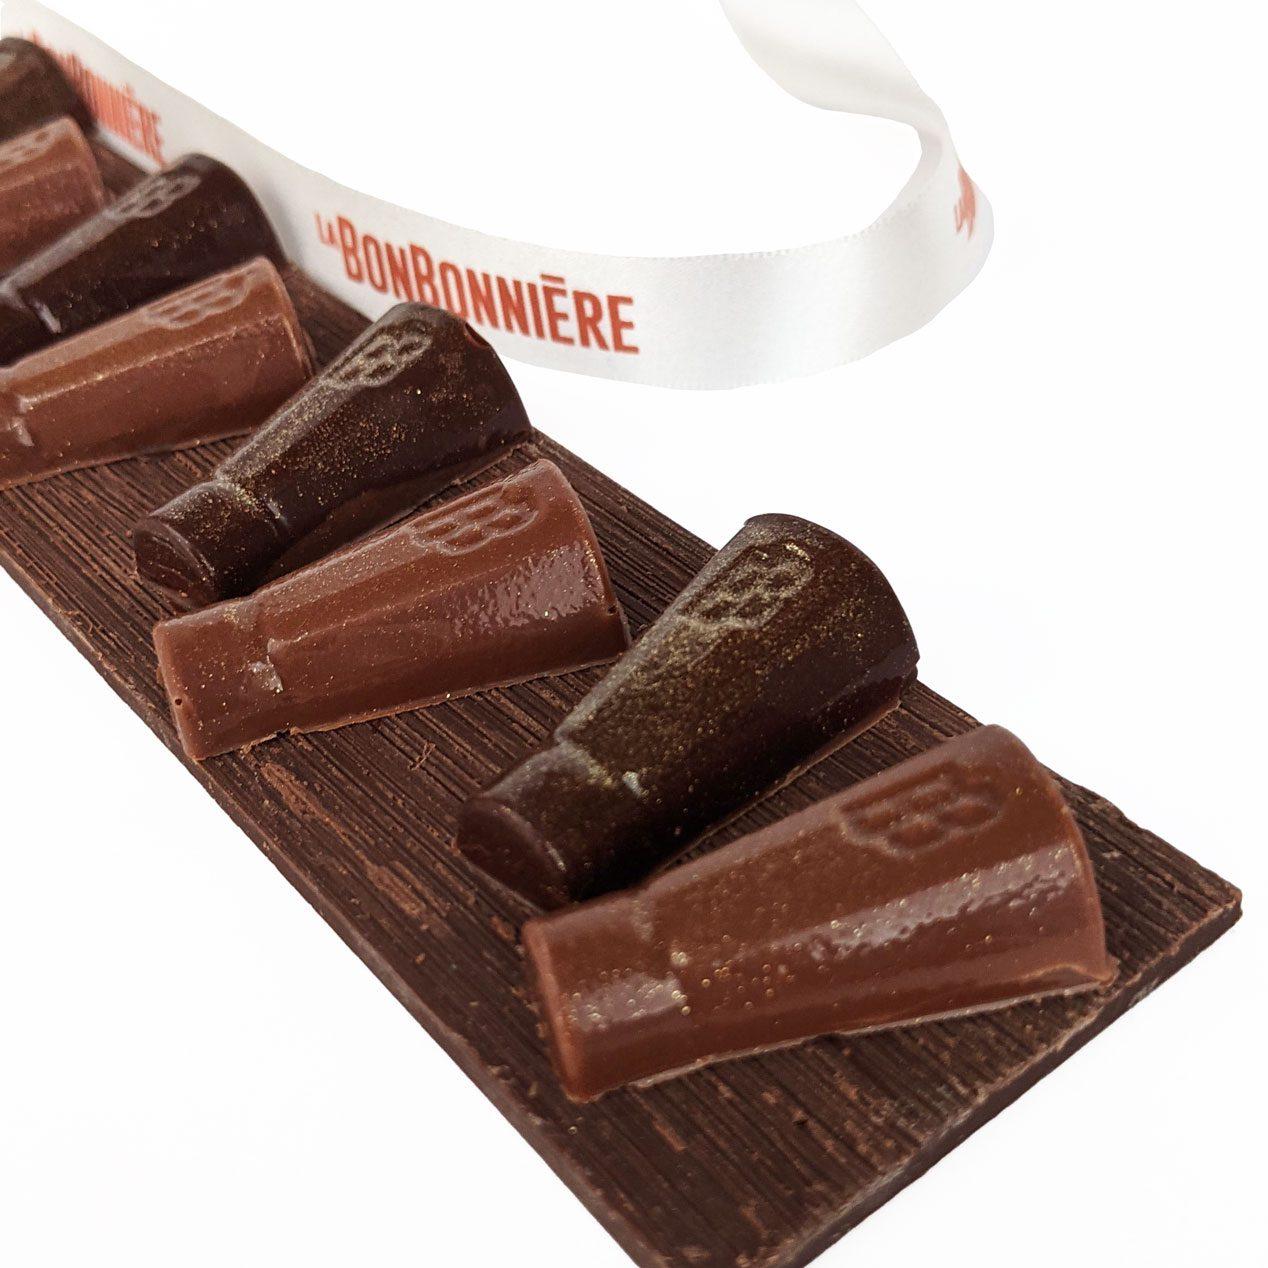 praliné chocolat geneve